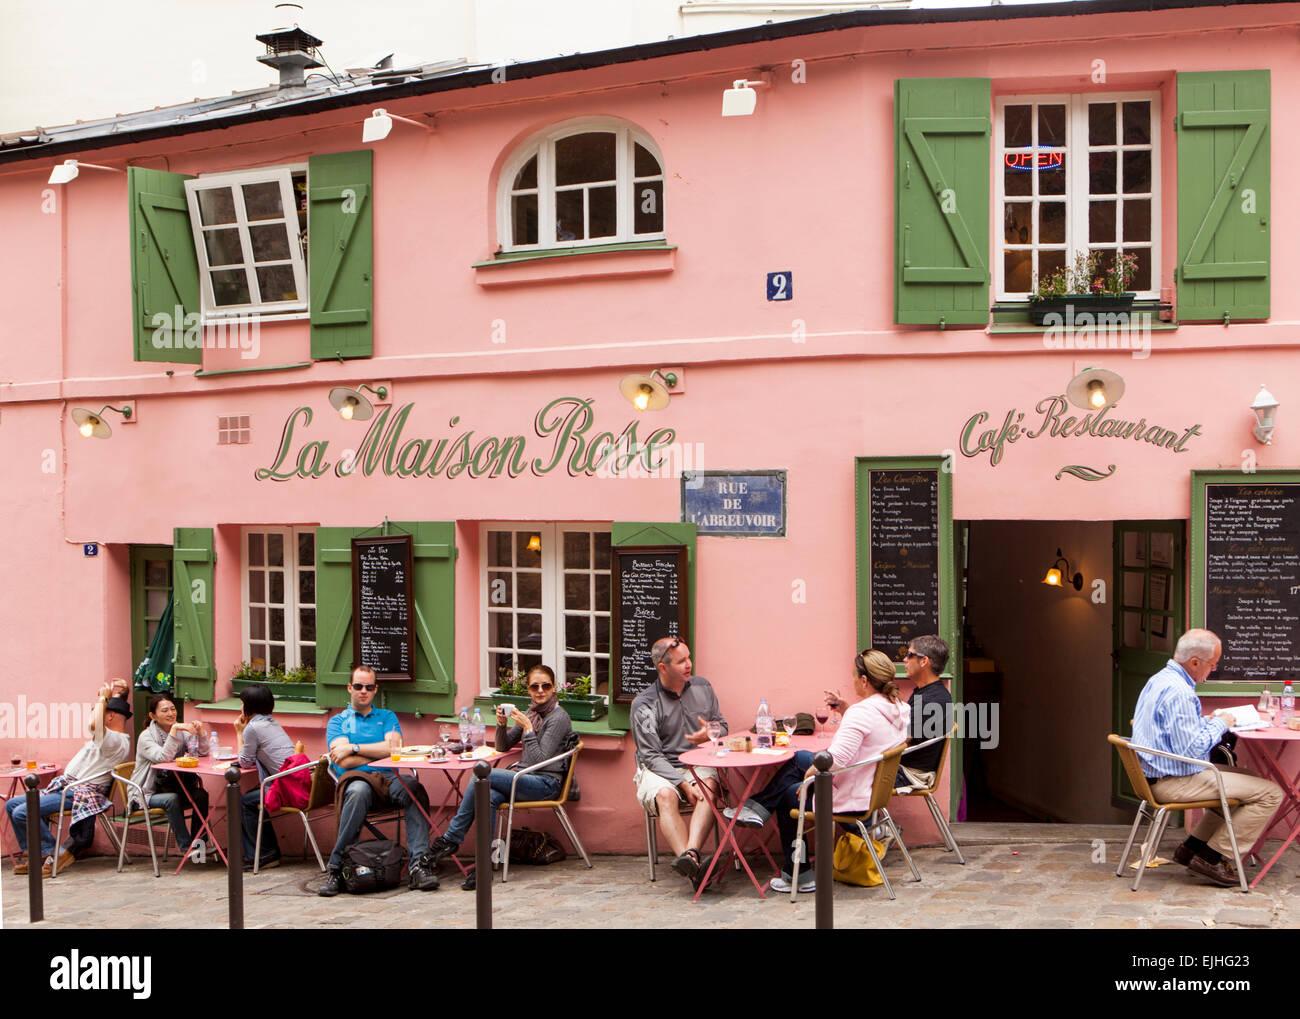 Outdoor Eating At La Maison Rose Cafe Montmartre Paris